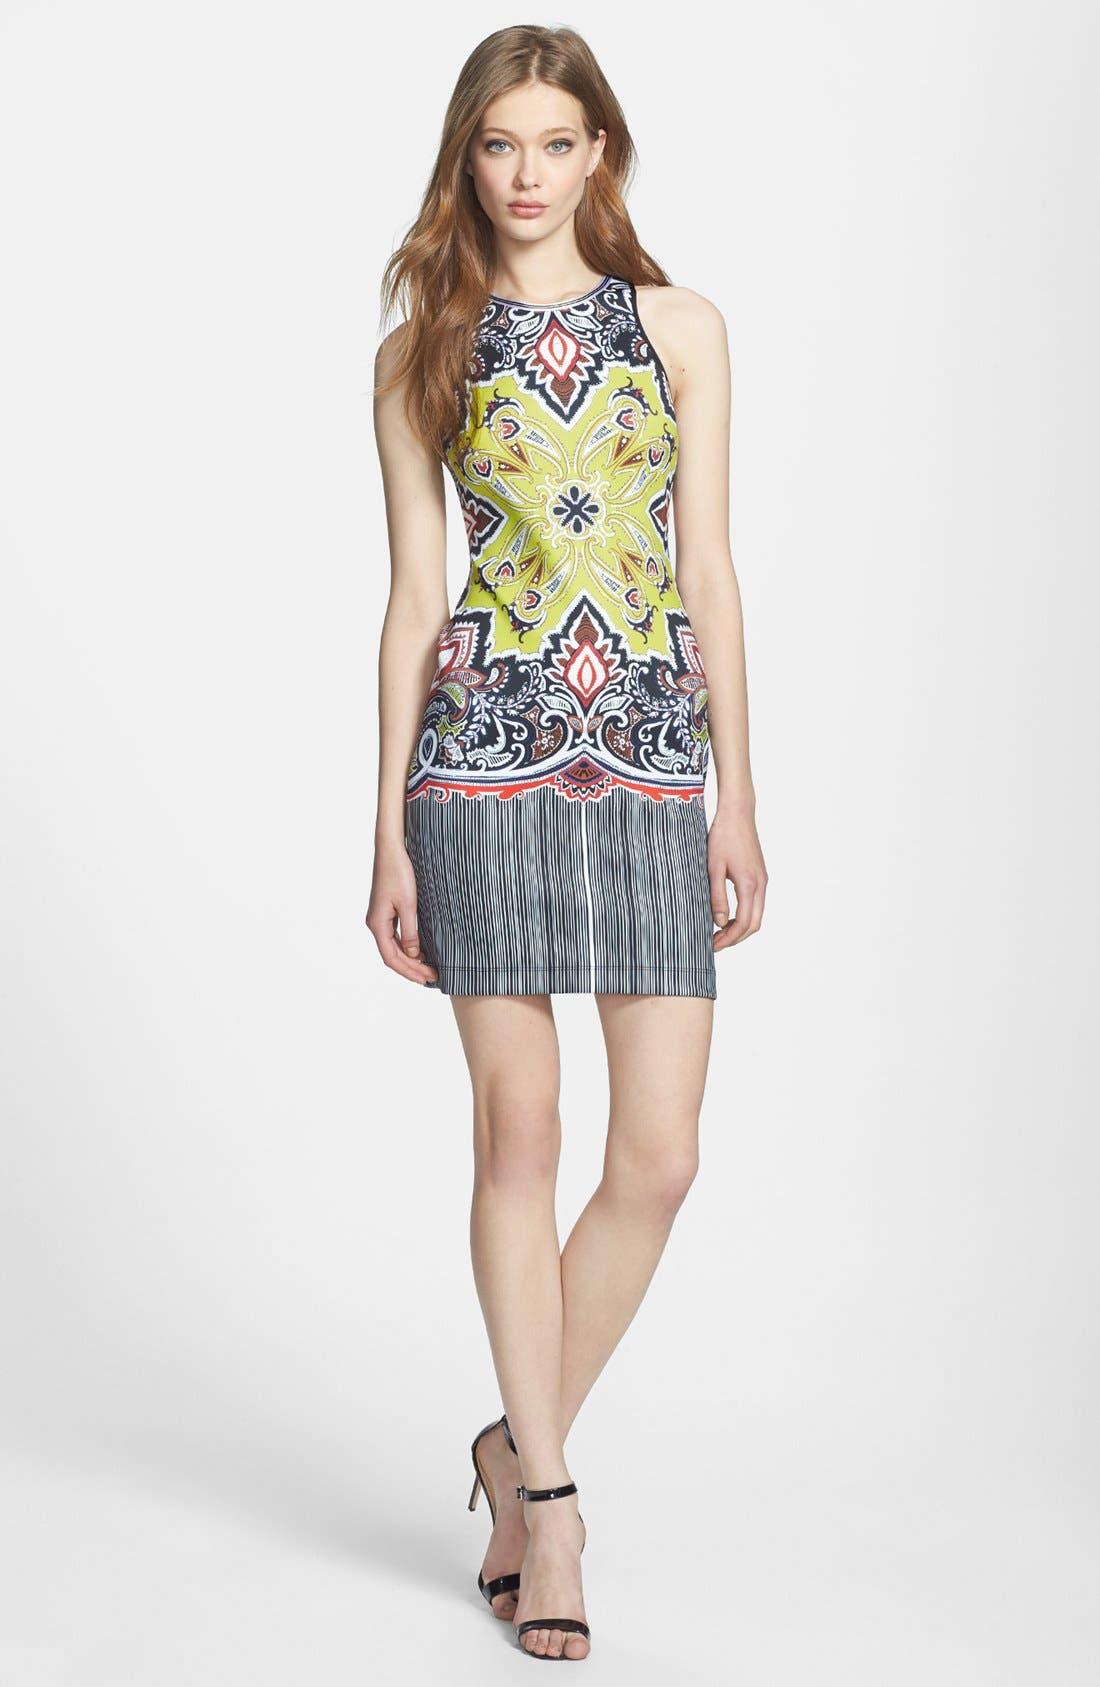 Alternate Image 1 Selected - Clover Canyon 'Havana' Print Scuba Body-Con Dress